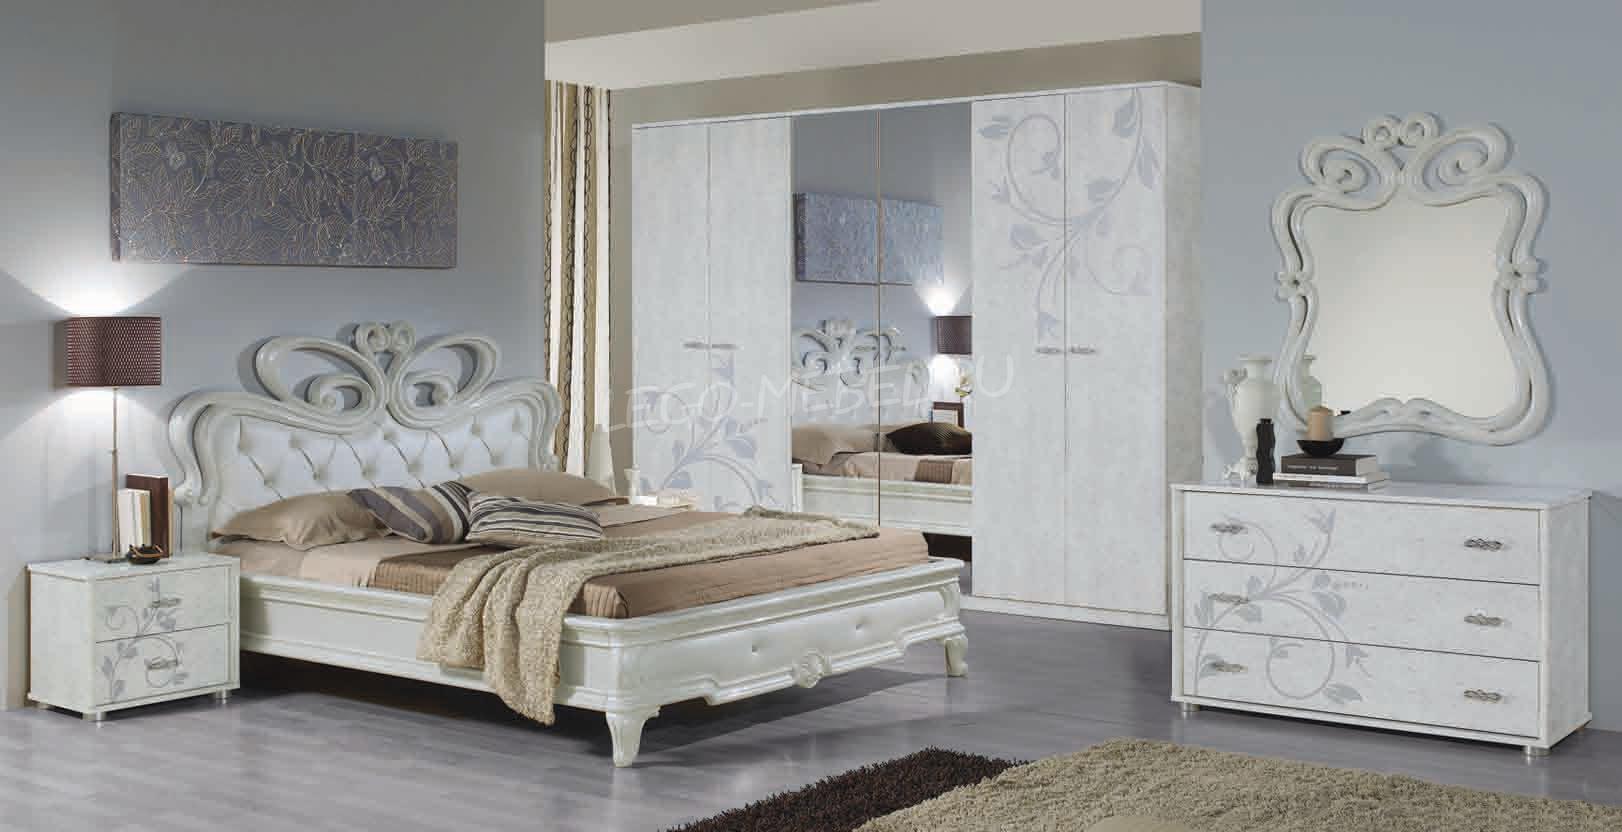 Спальный гарнитур пенелопа - спальные гарнитуры фото, описан.